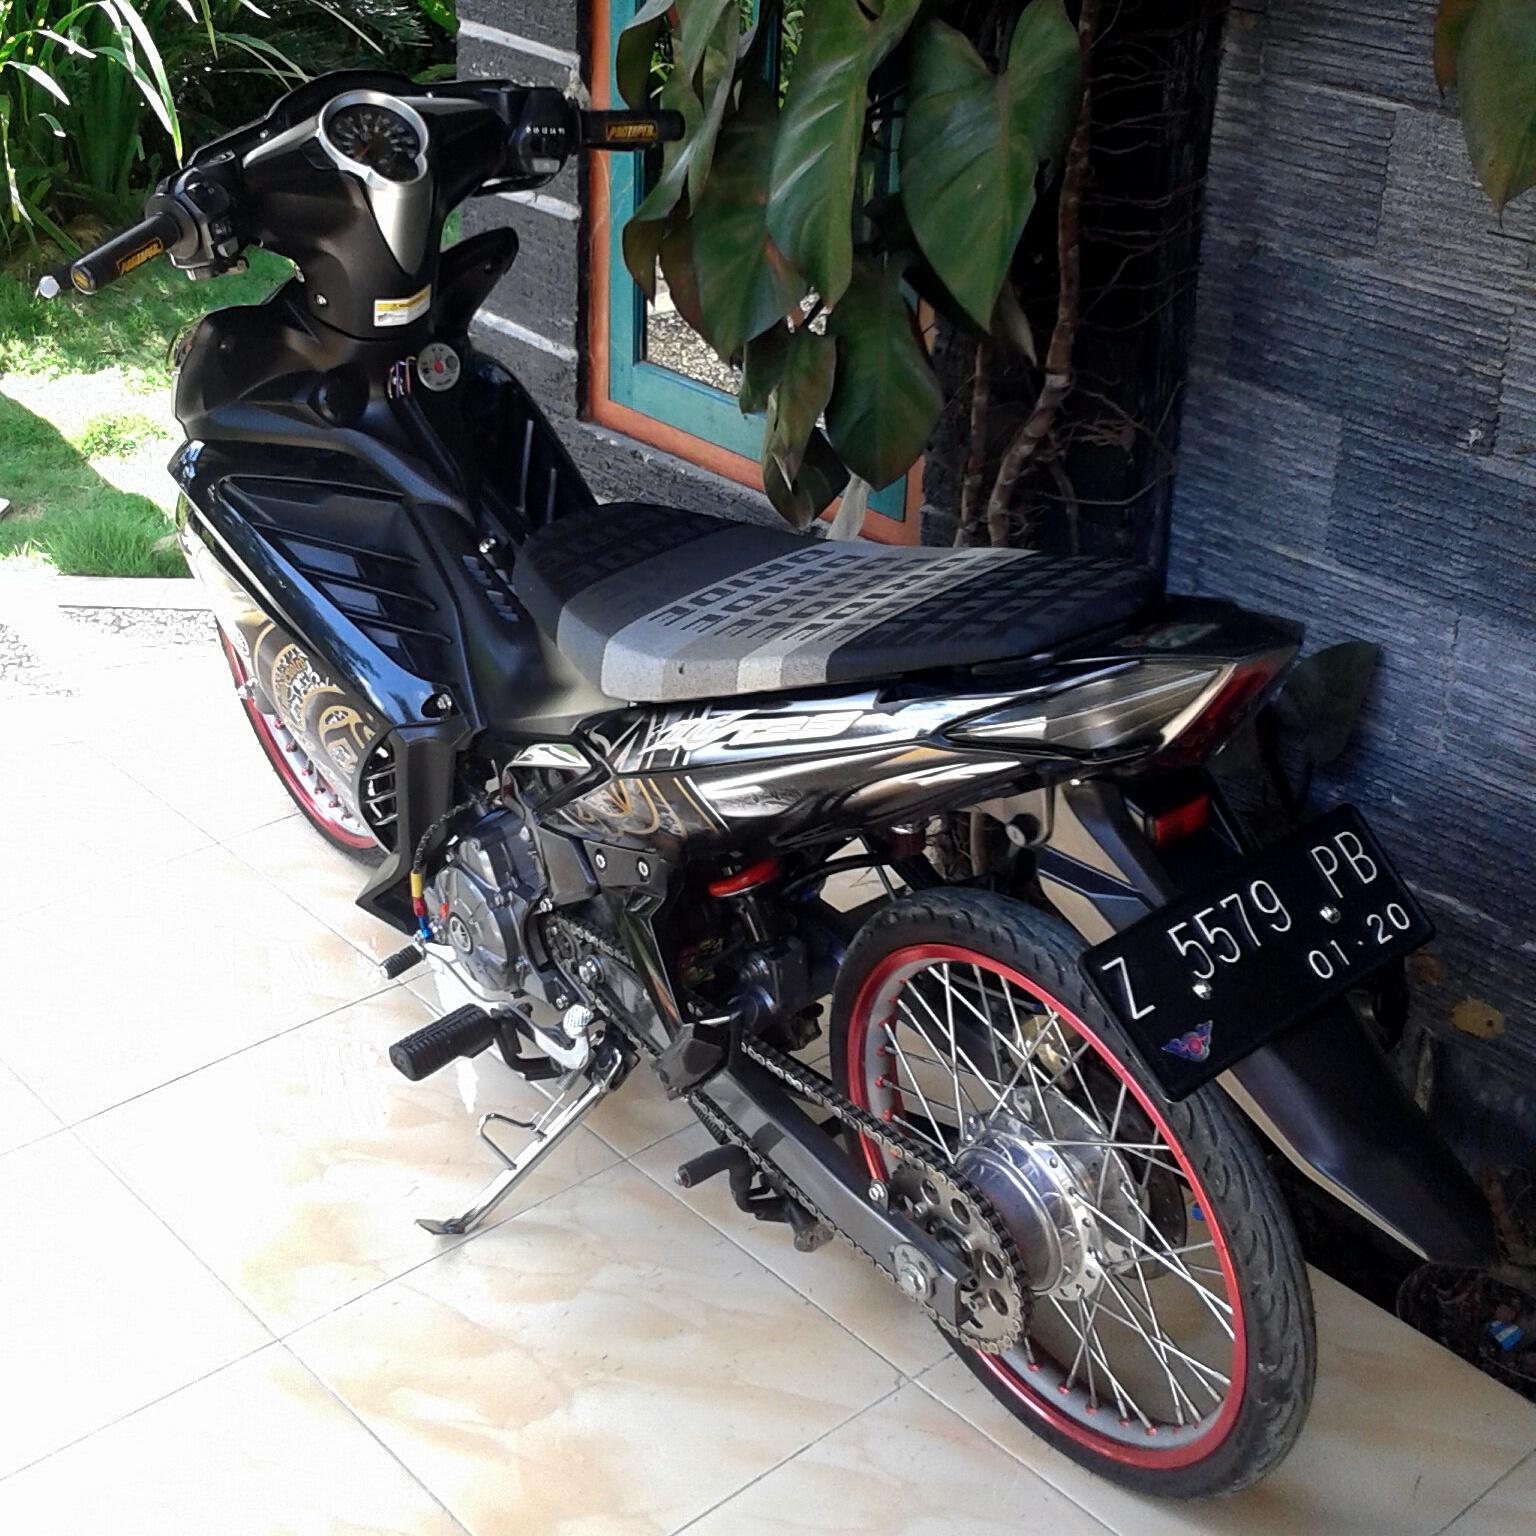 87 Modifikasi Motor Jupiter Mx Ala Thailook Terbaru Spions